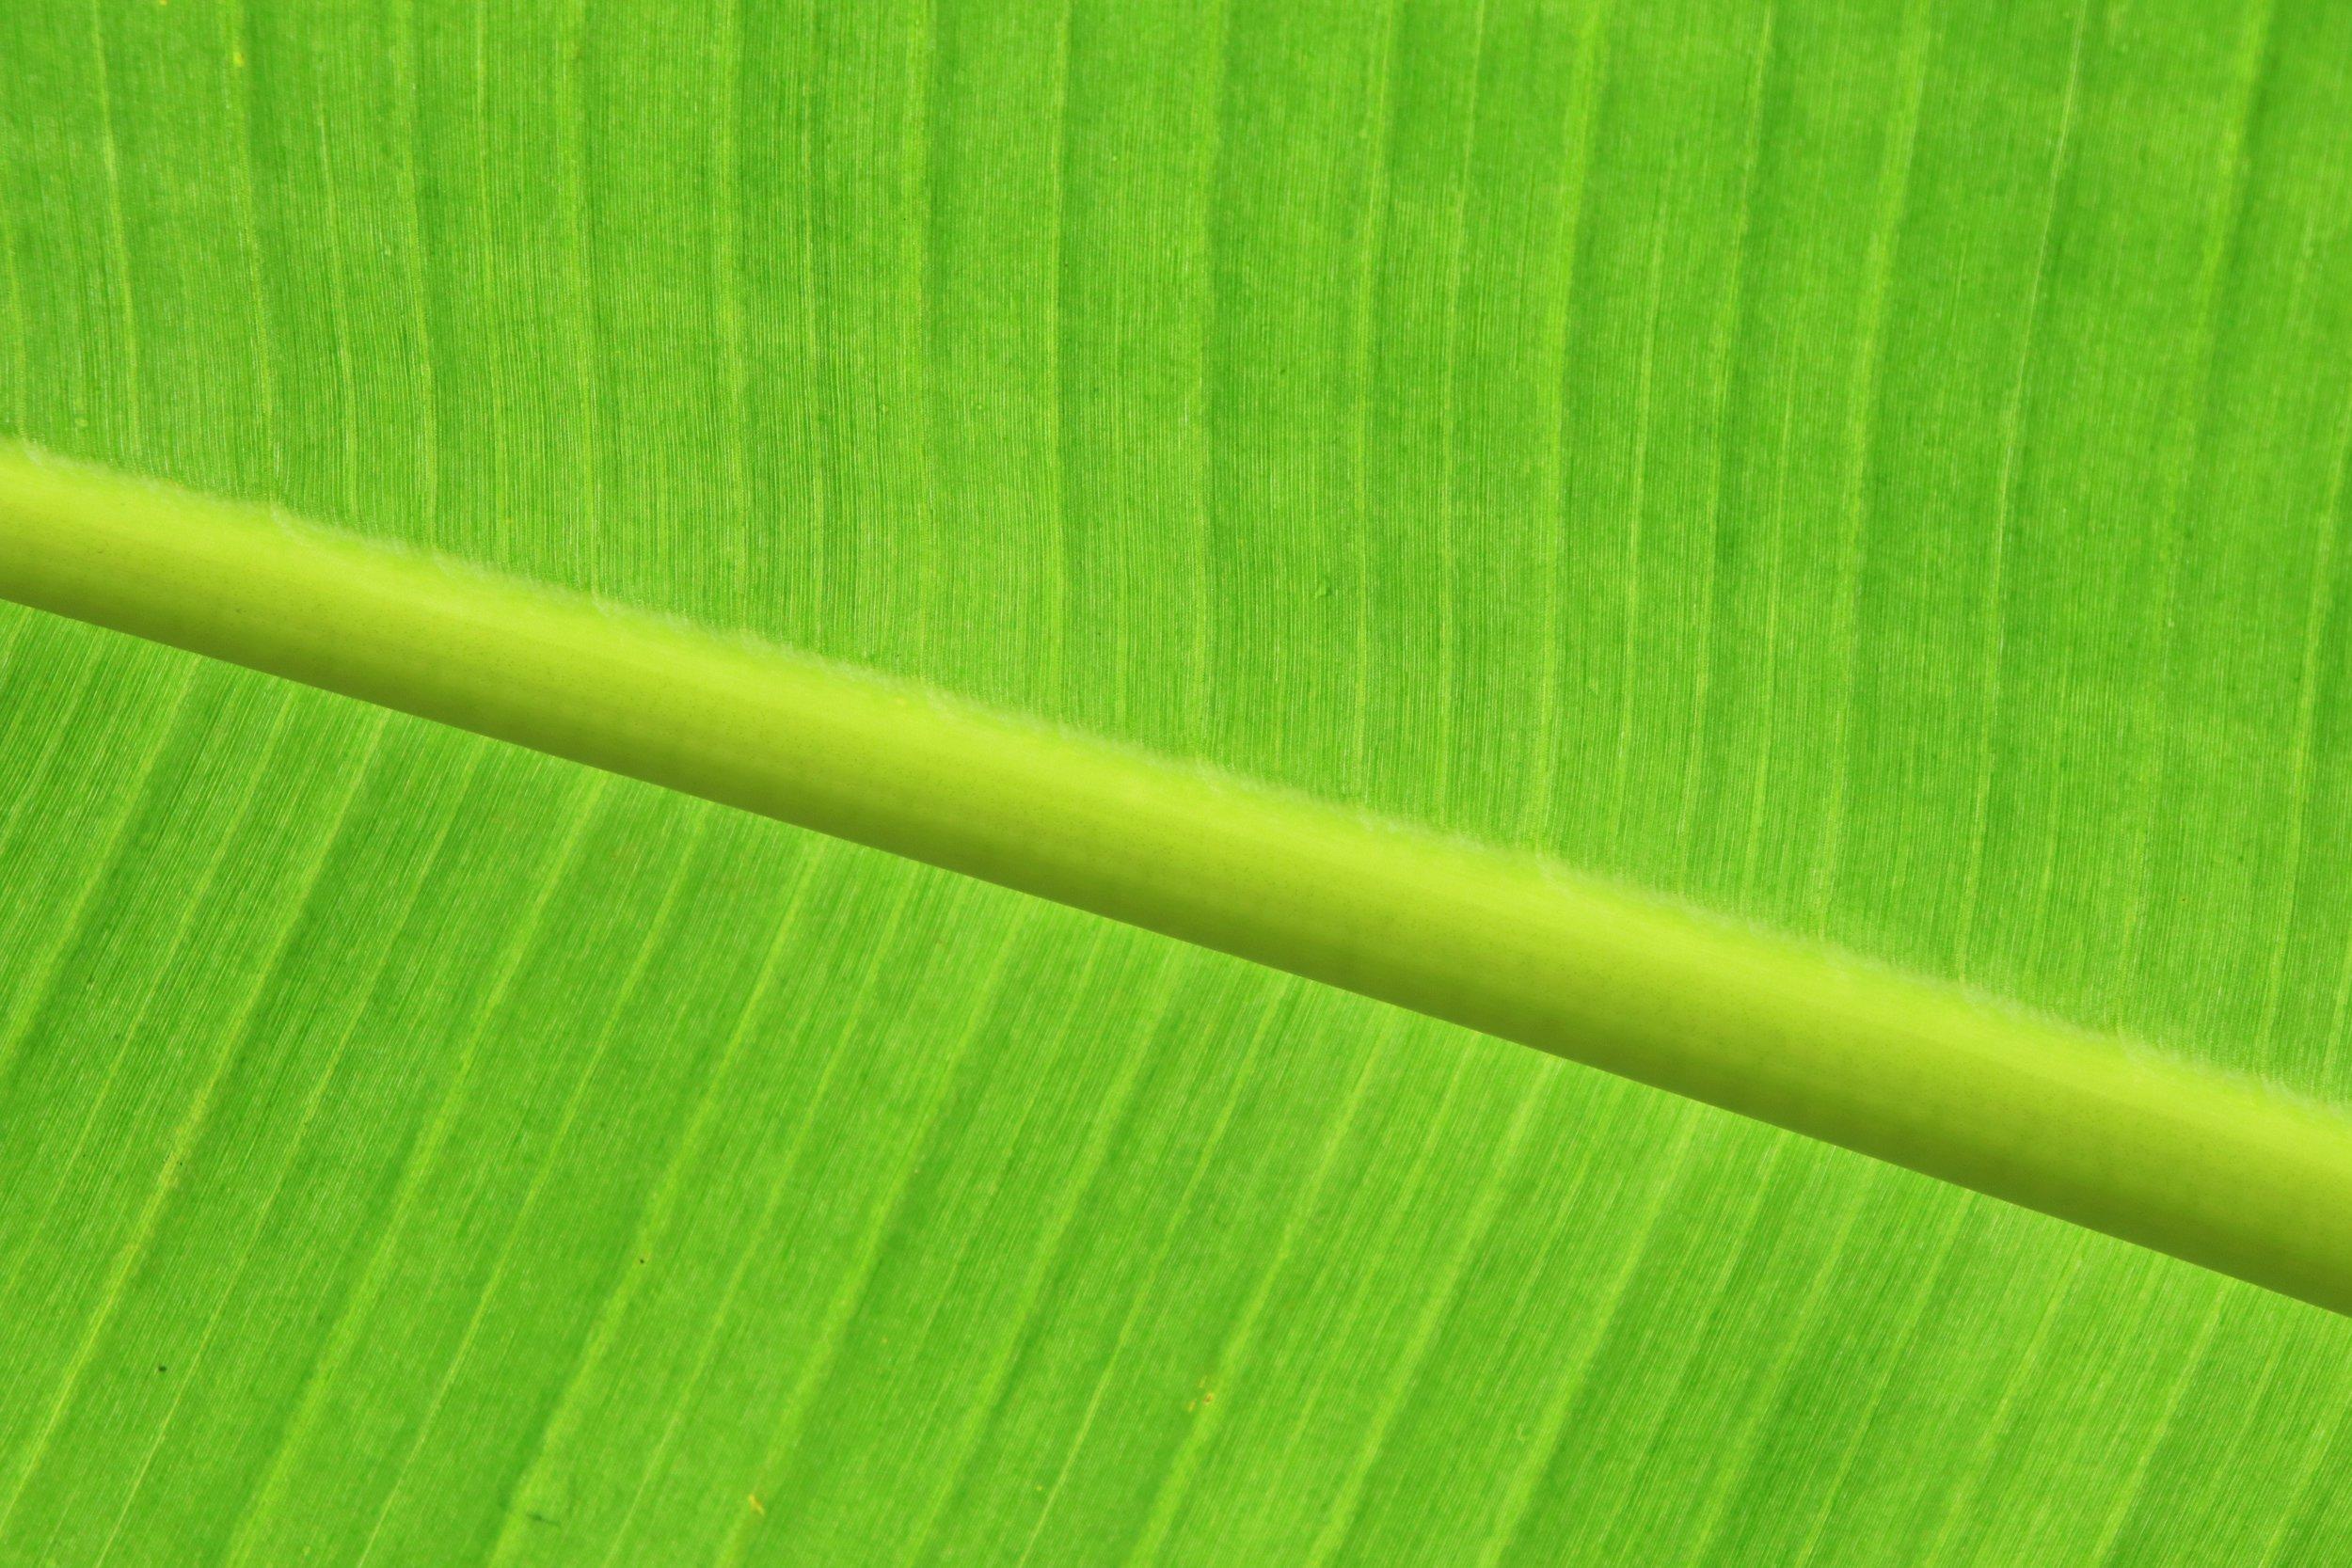 feuille parlmier vert.jpg